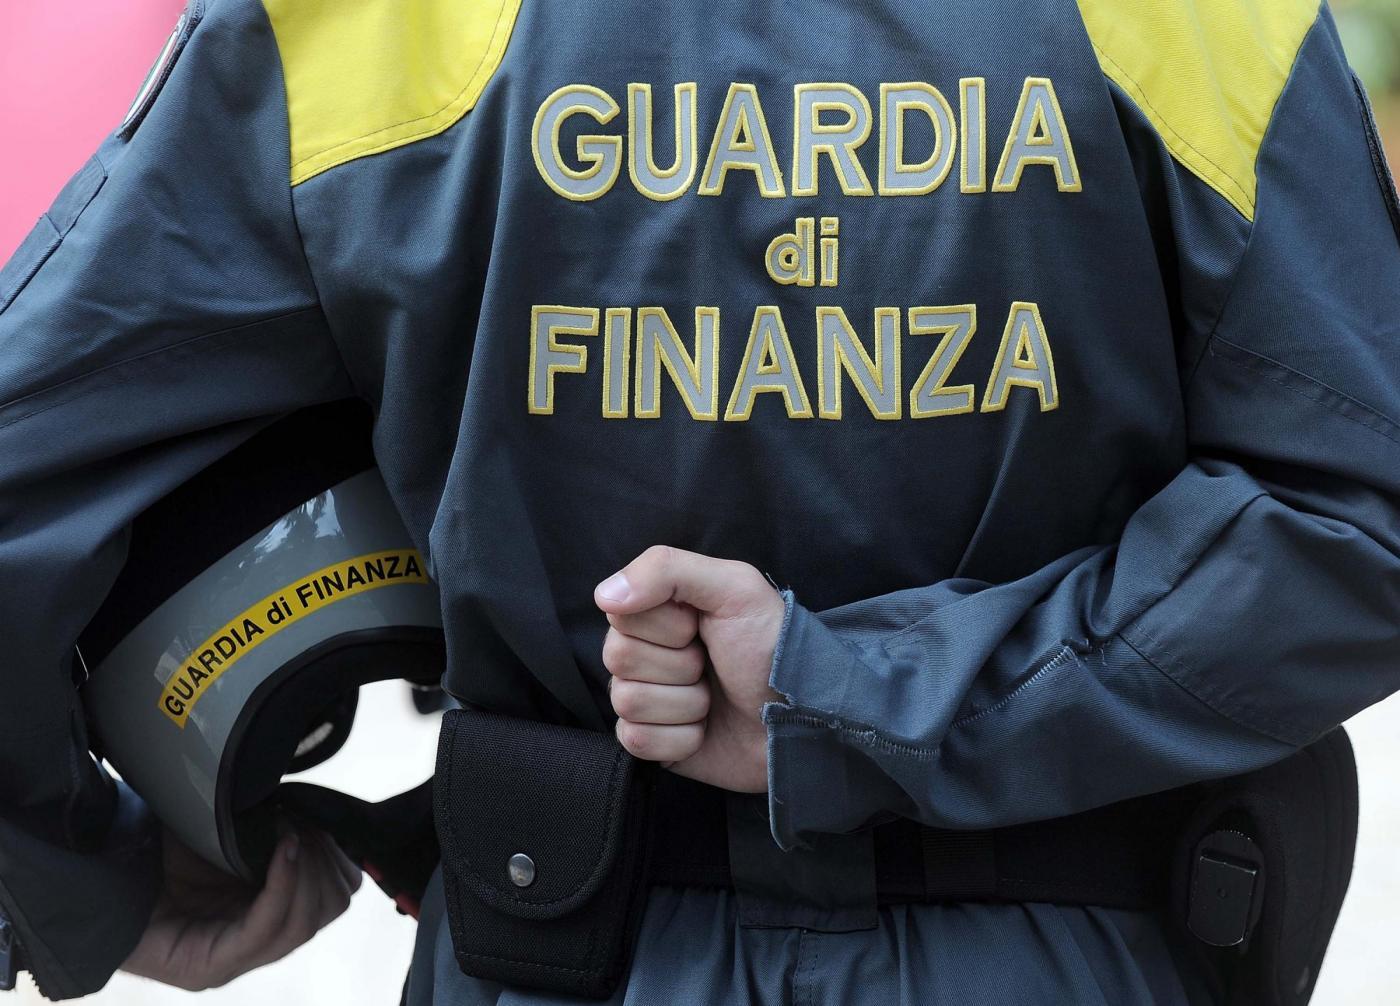 Fatture false per 8 milioni, pm Milano chiude inchiesta: tra indagati anche ex ad Publitalia